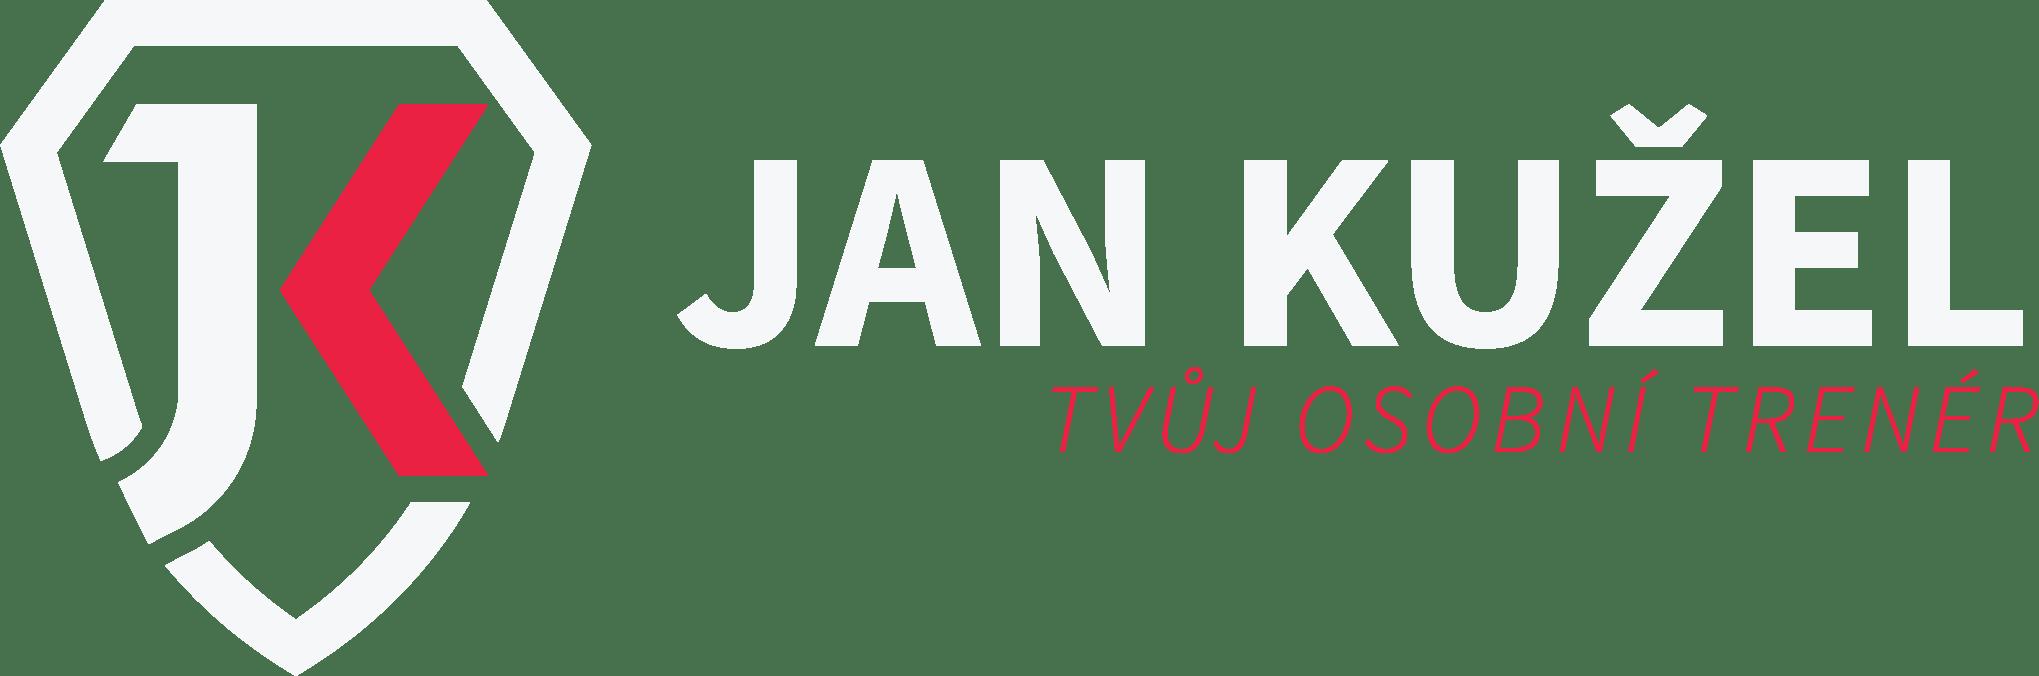 Jan Kužel – Tvůj osobní trenér